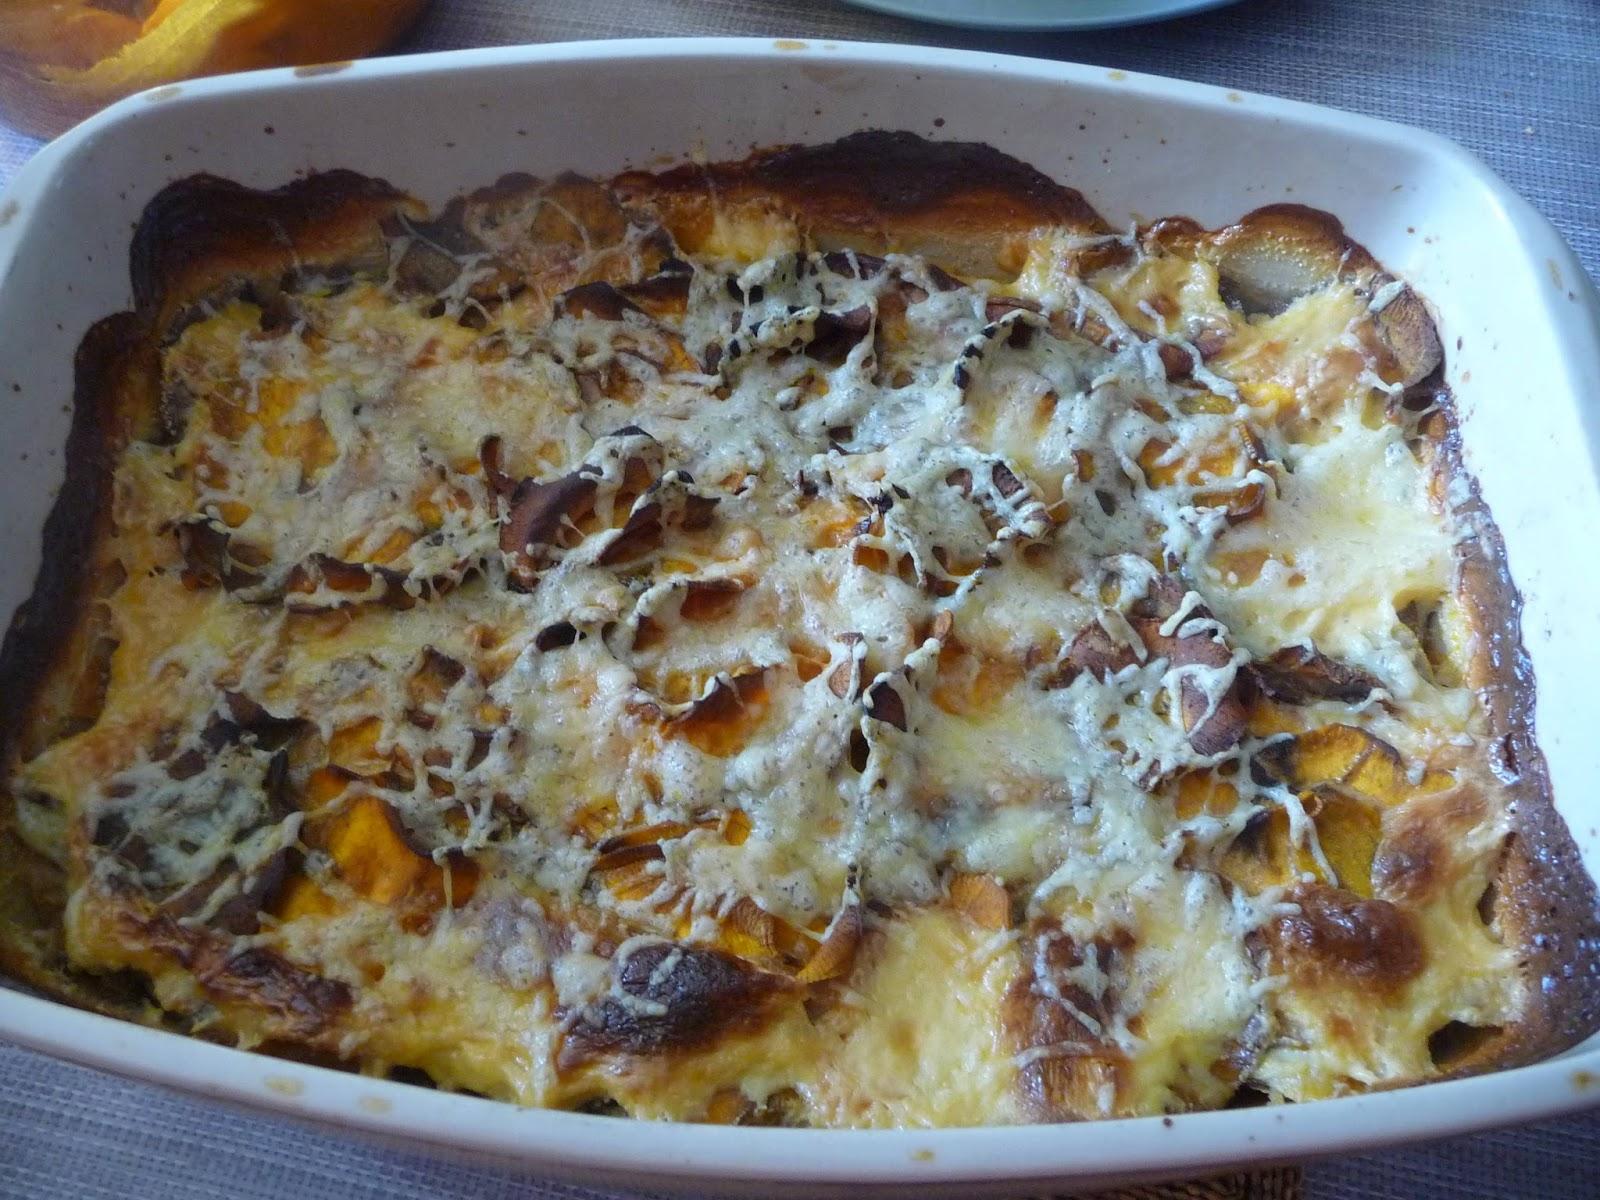 Cuill re aiguille et scie sauteuse gratin de patates douces au chorizo - Quand recolter les patates douces ...